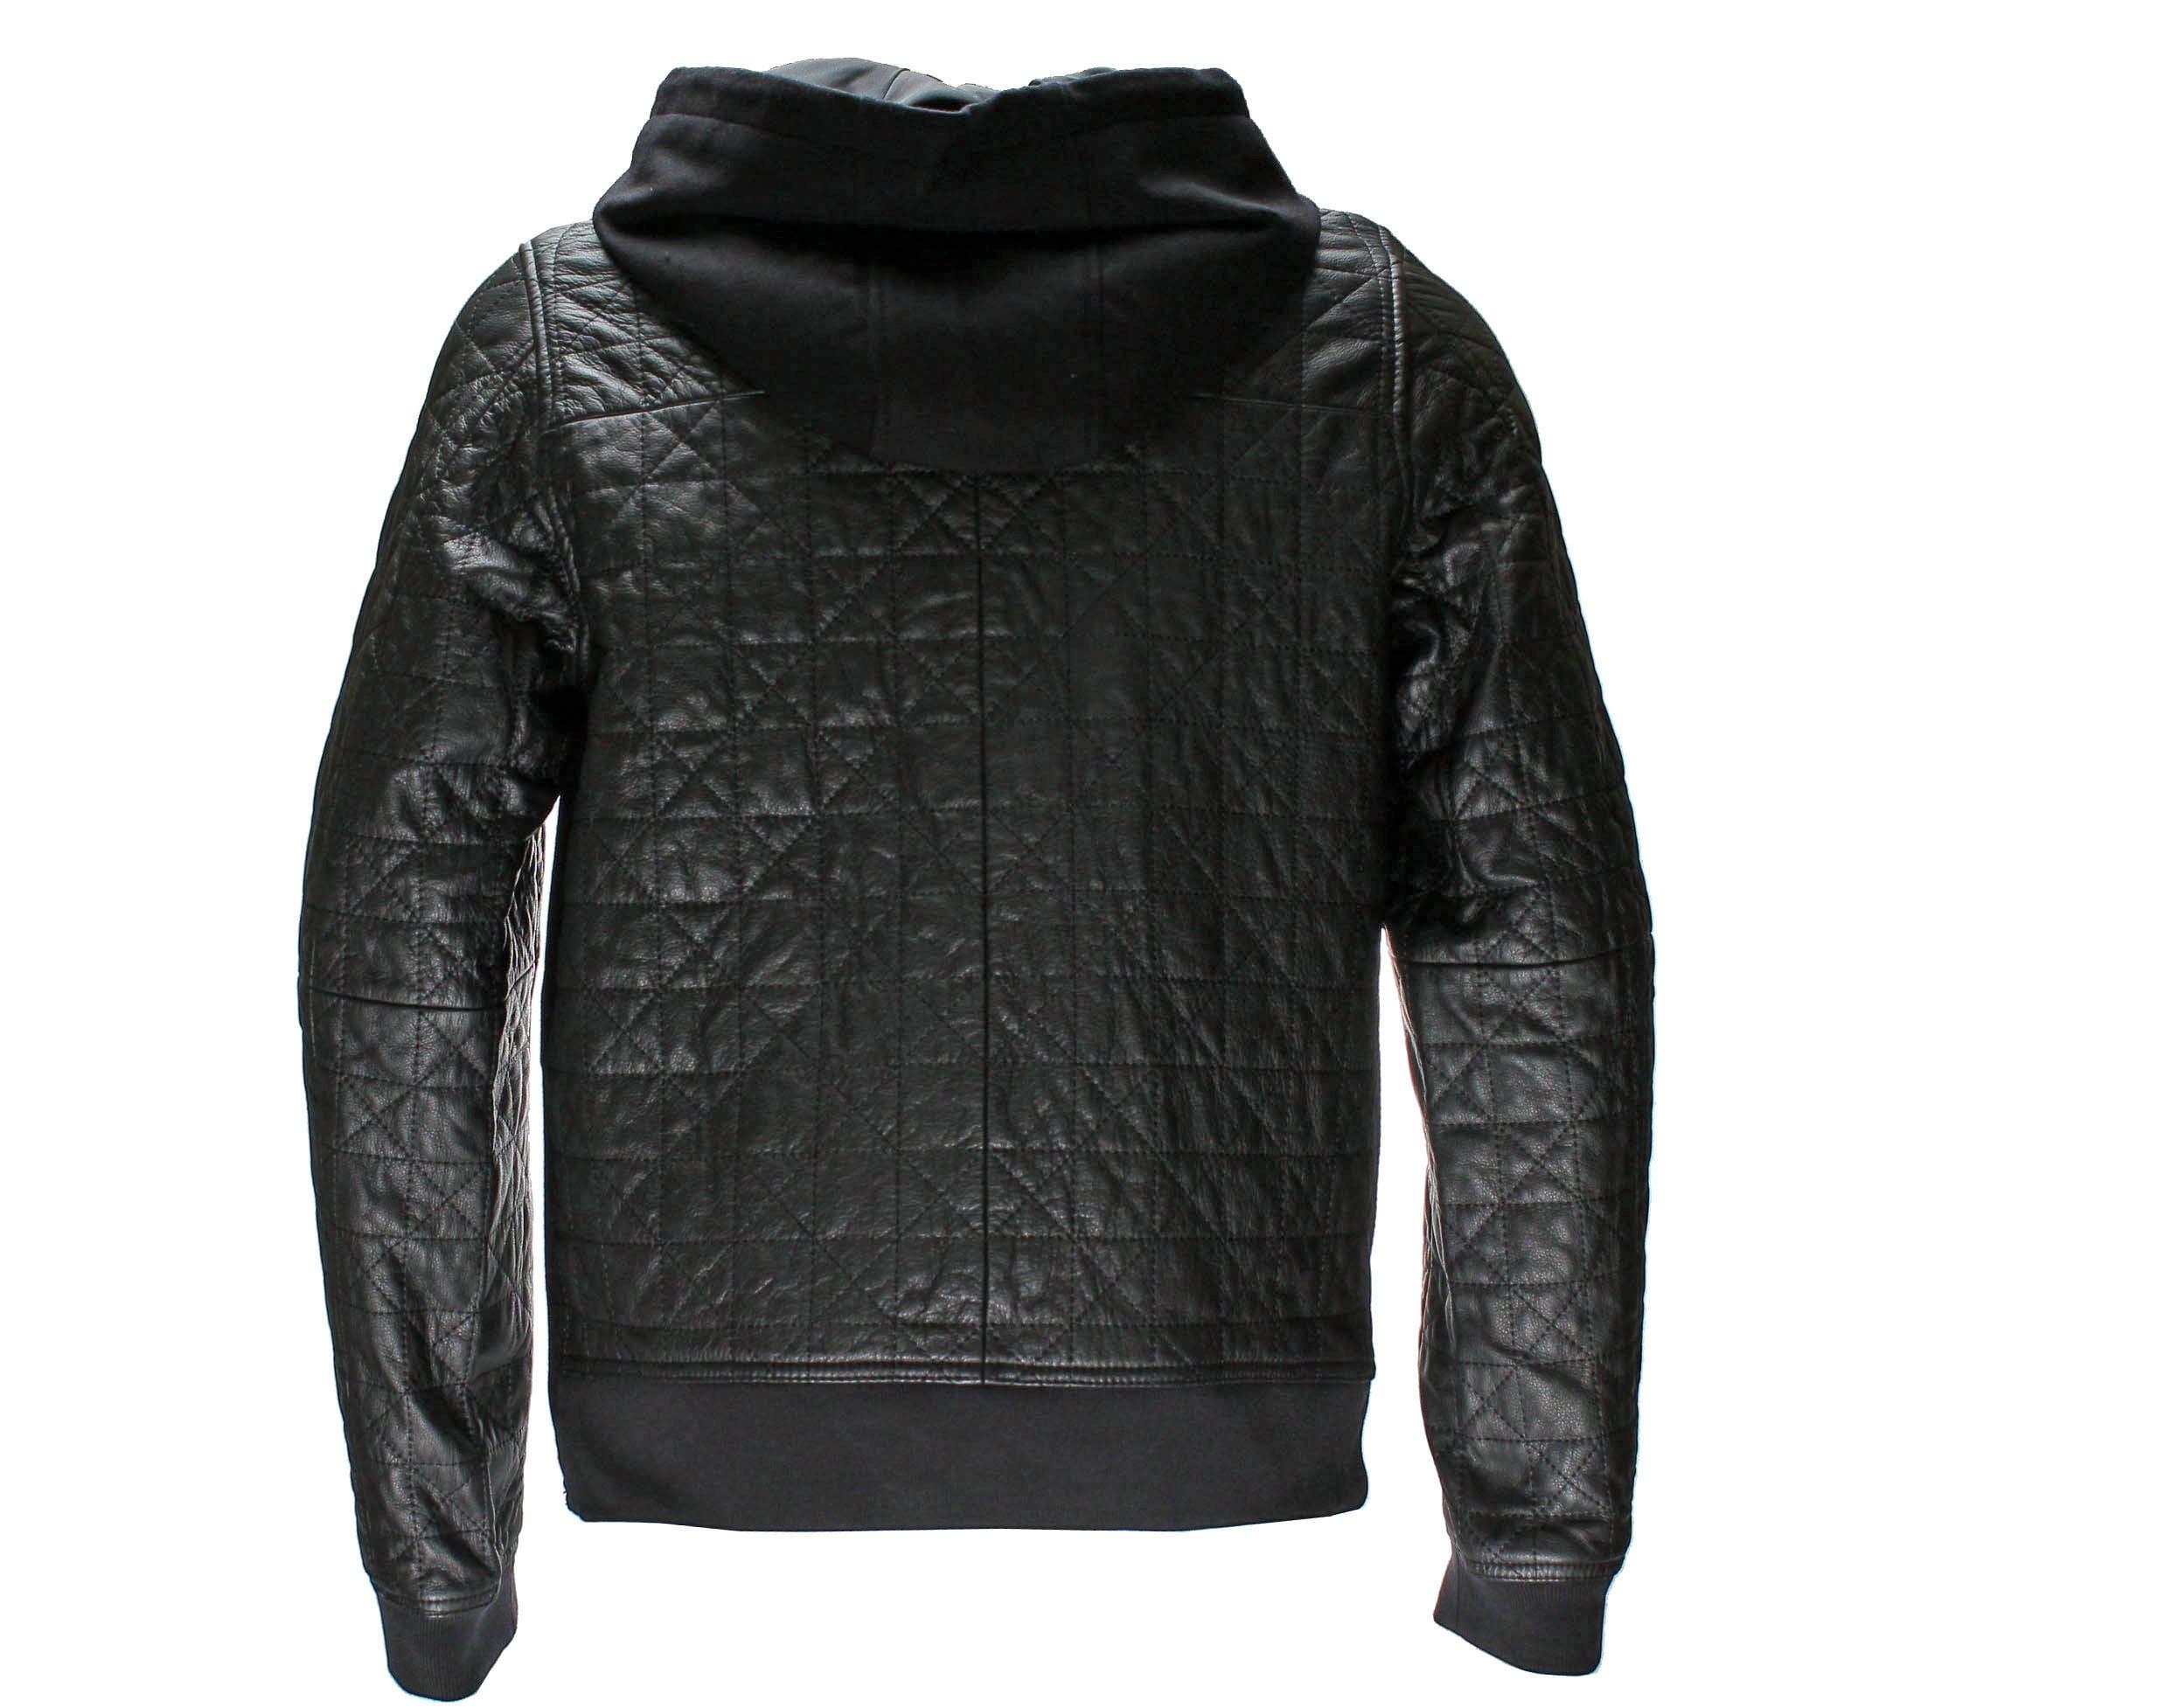 Jordan - Nike Air Jordan Leather Black